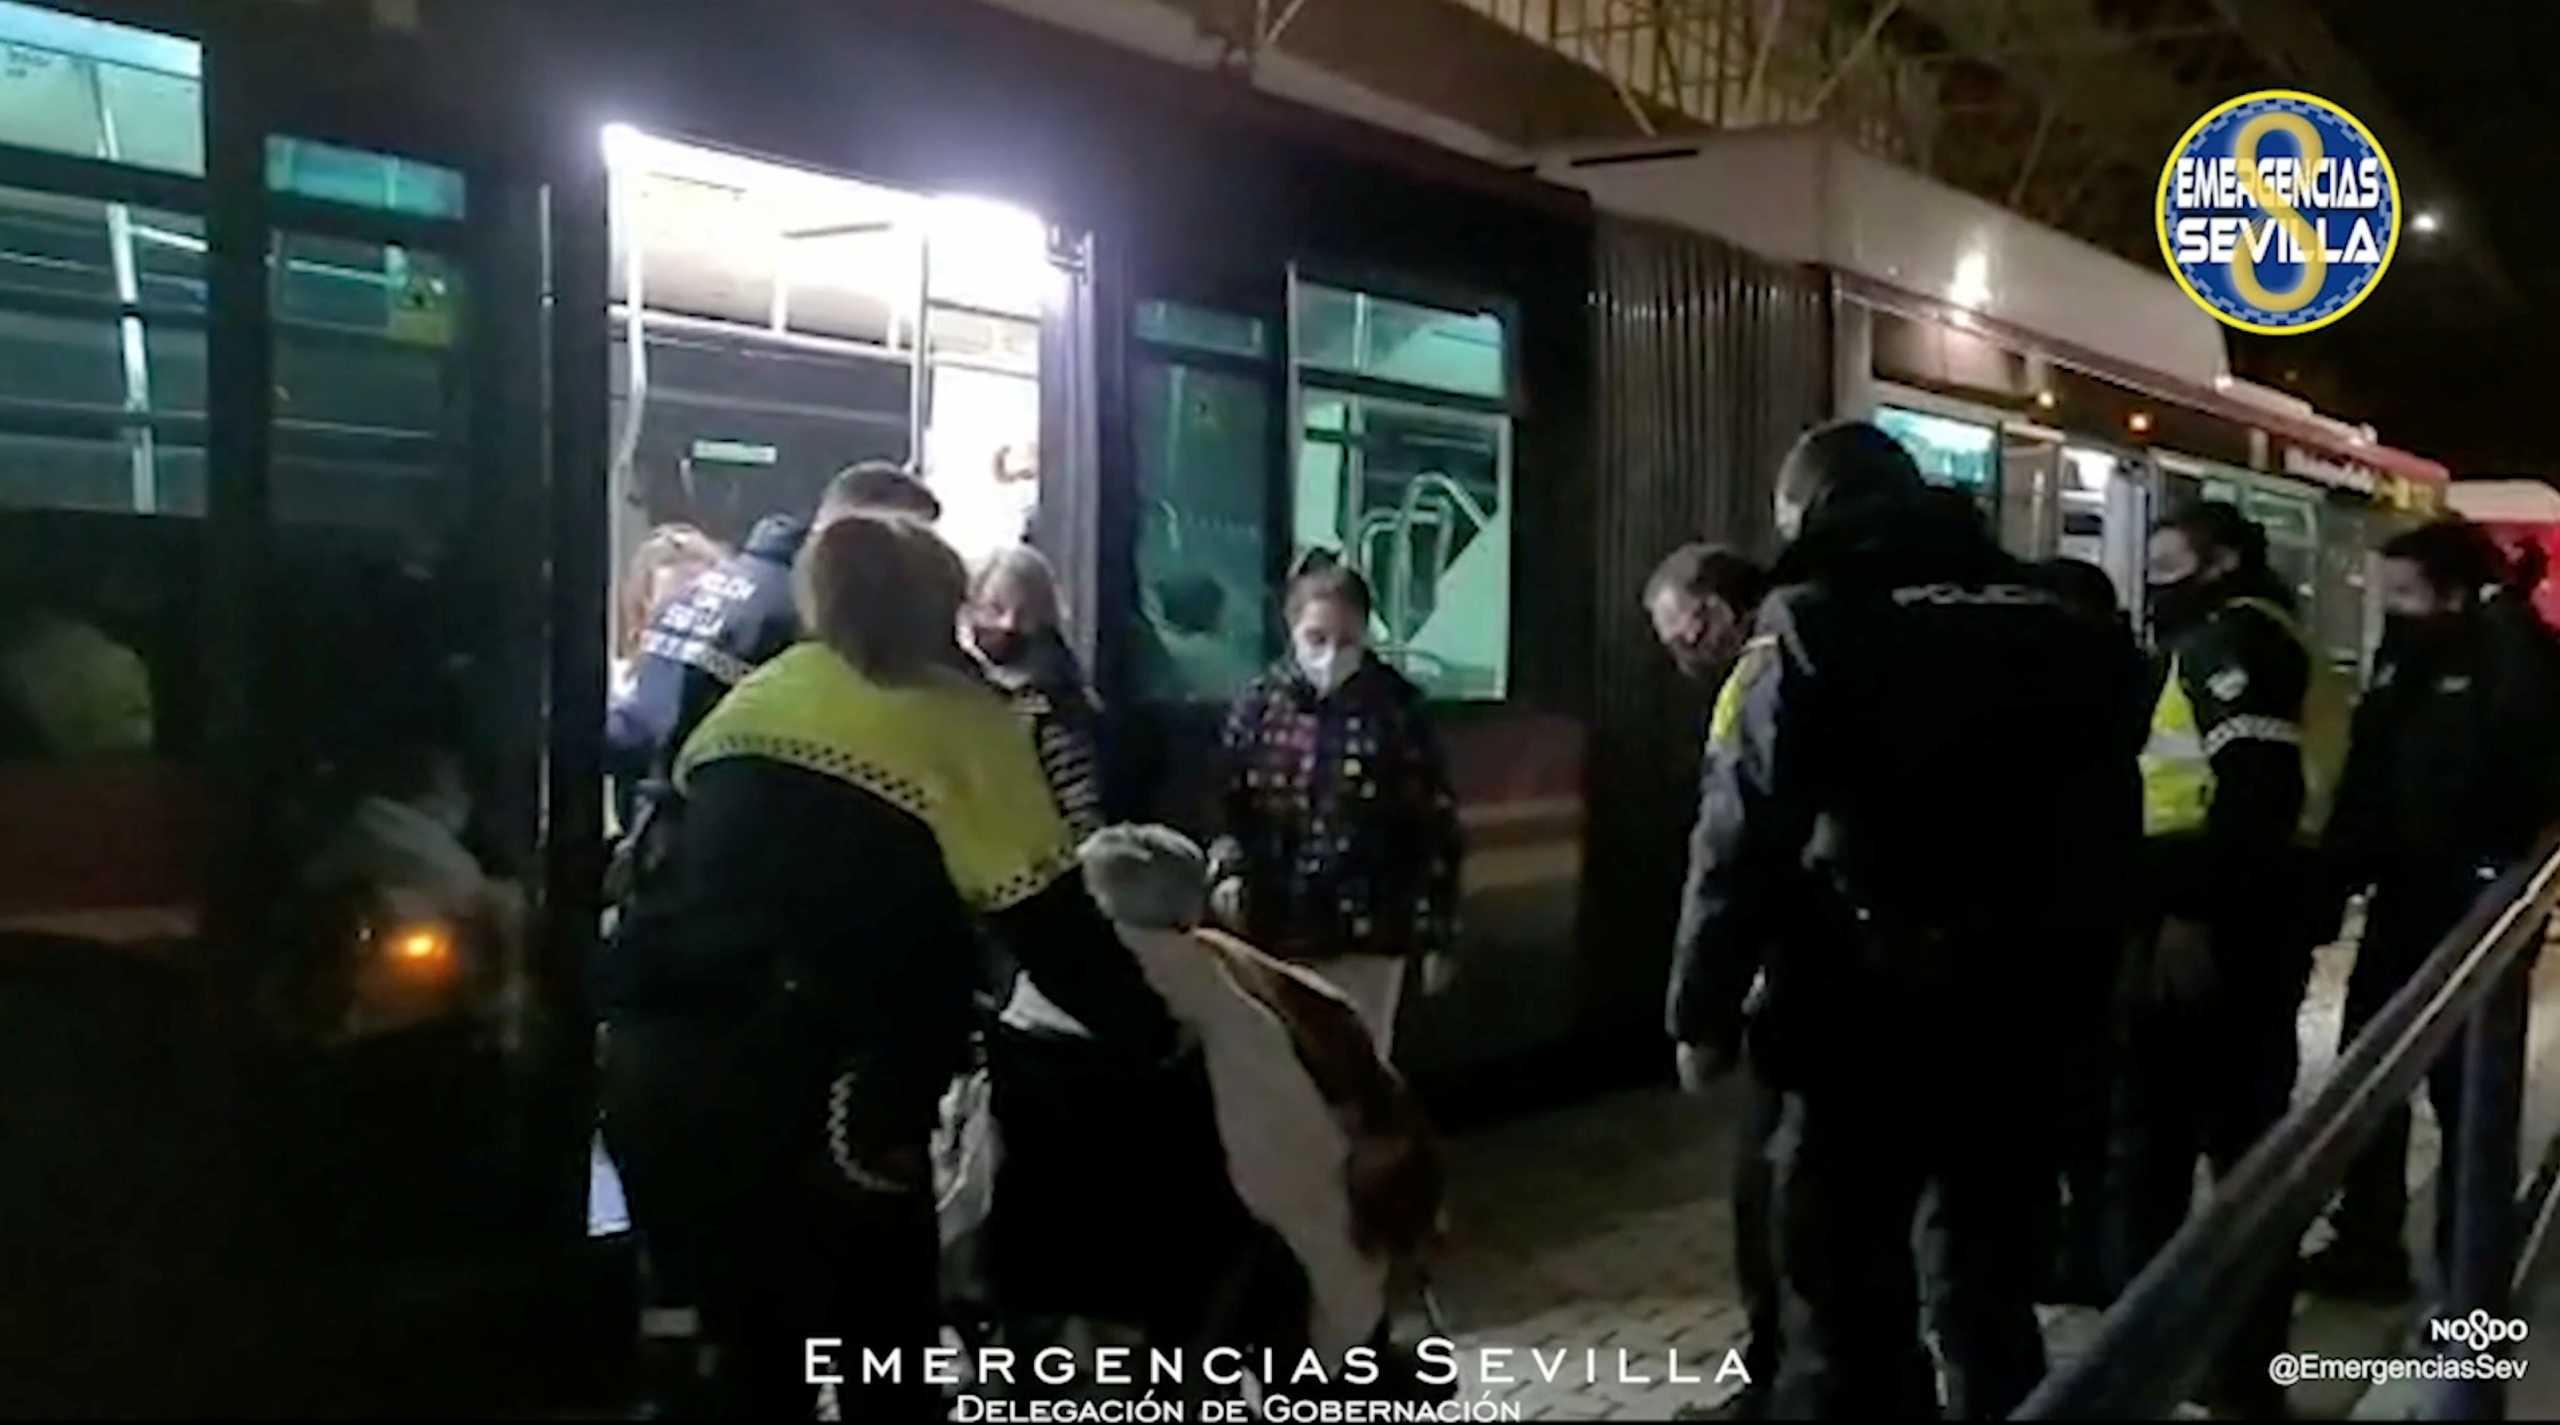 Μία νεκρή και 18 τραυματίες από φωτιά σε οίκο ευγηρίας της Ισπανίας